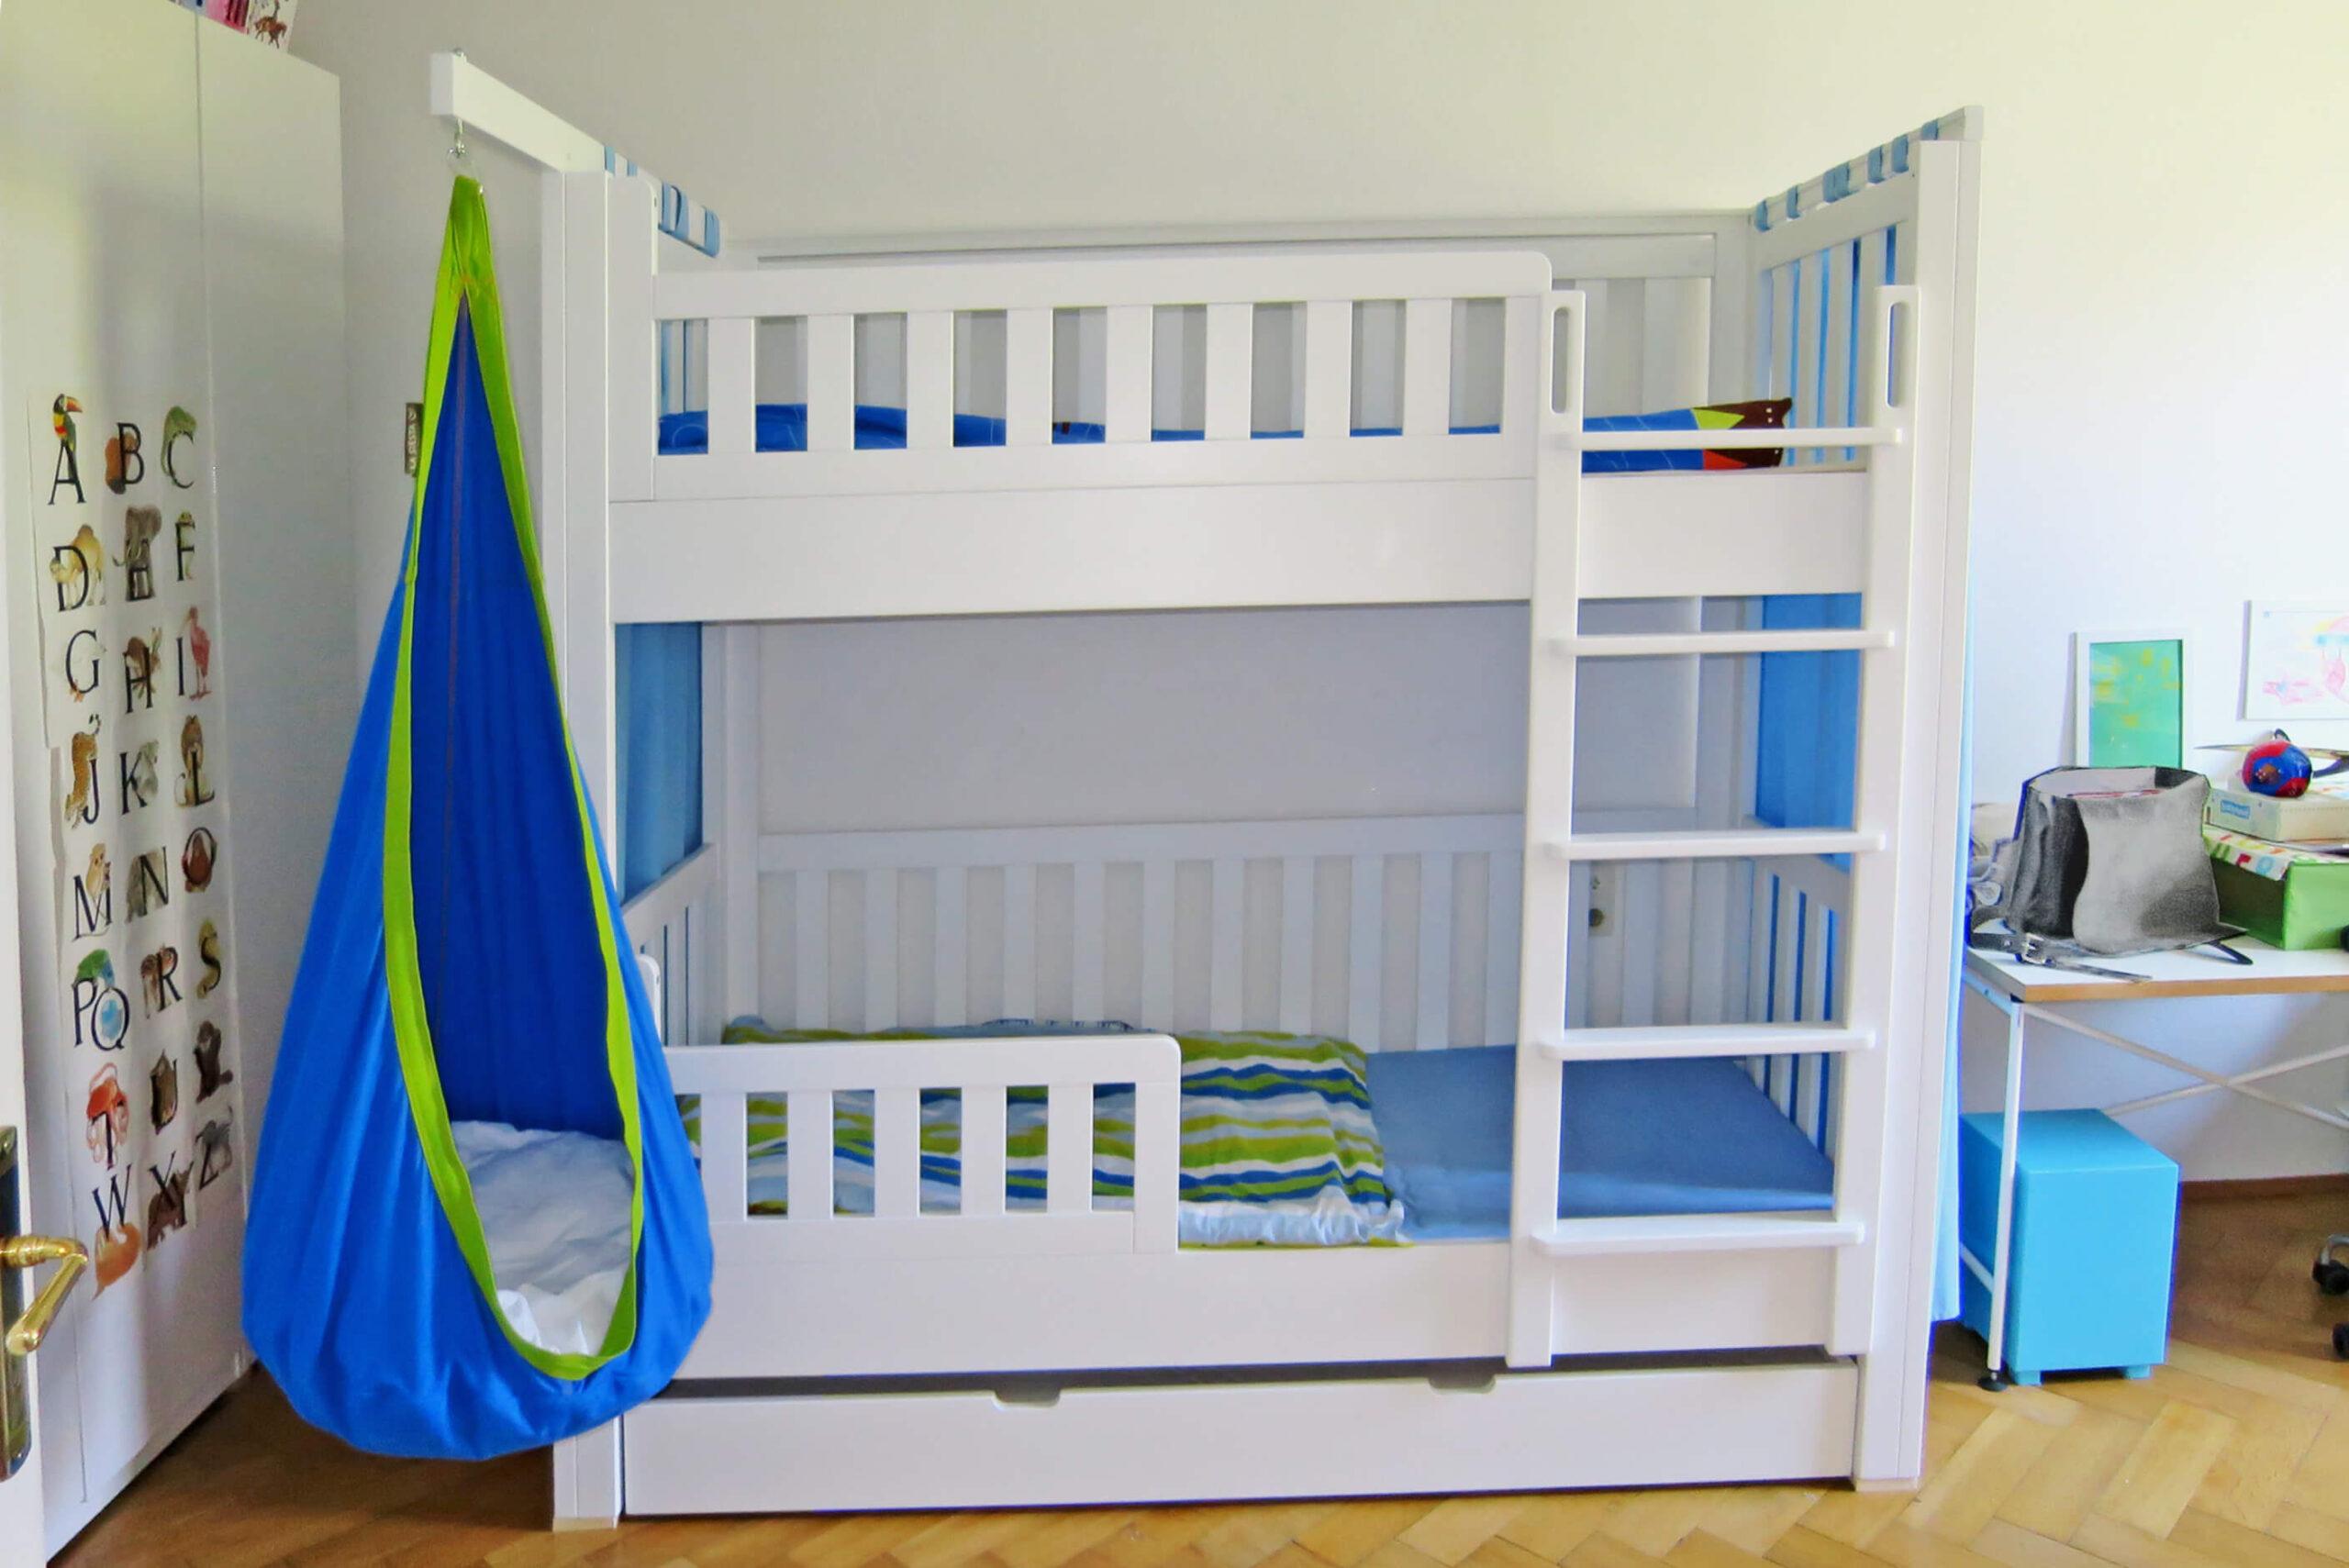 Full Size of Kinderzimmer Regal Sofa Weiß Regale Kinderzimmer Hochbetten Kinderzimmer